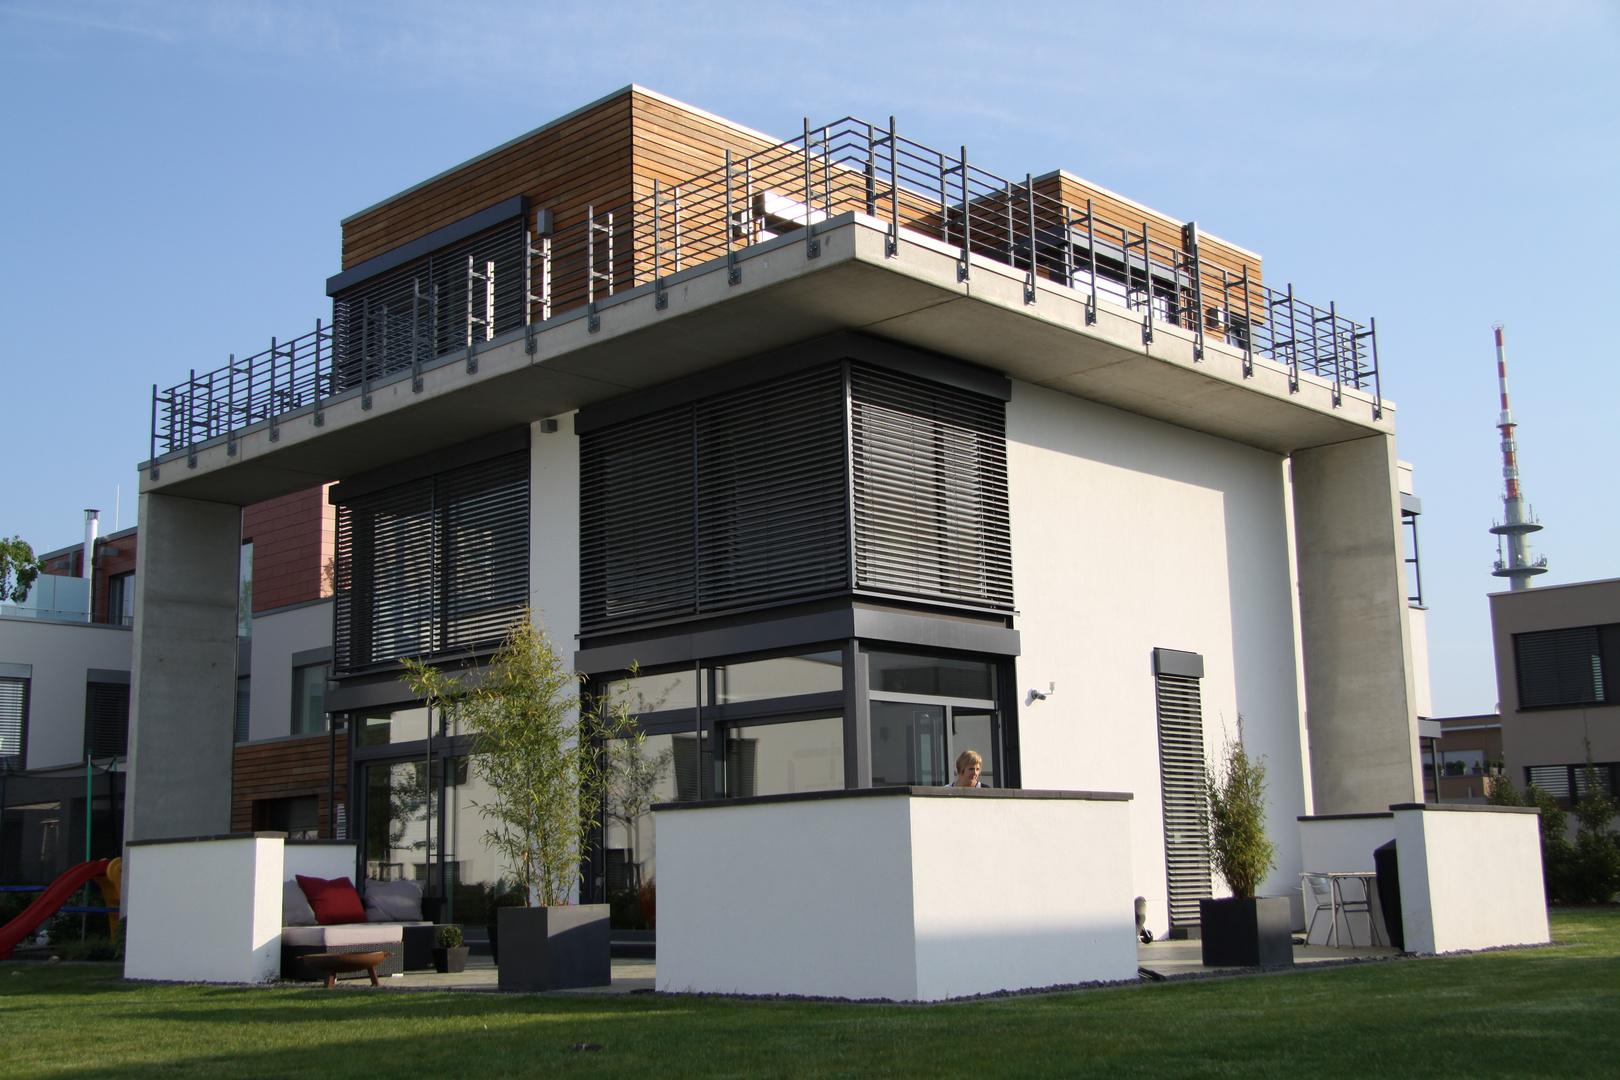 Betonrahmen Foto & Bild | architektur, profanbauten ...